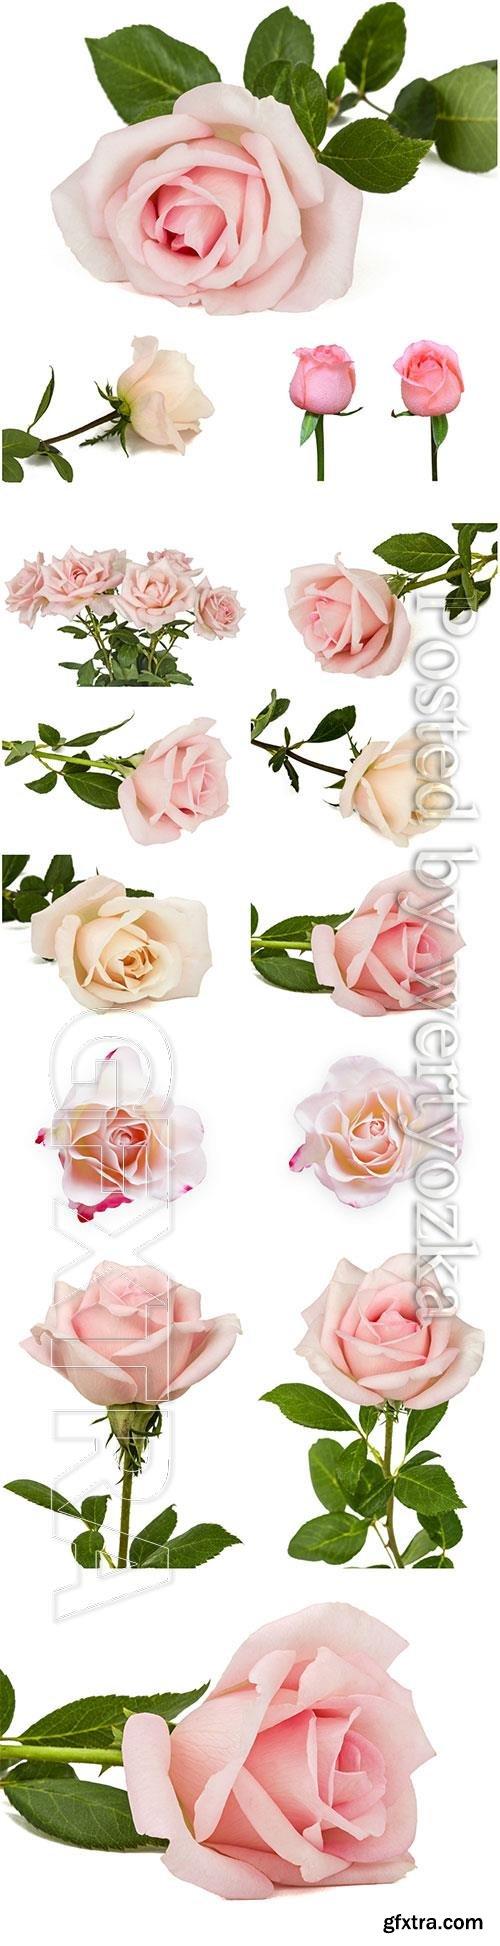 Luxury roses on white background stock photo